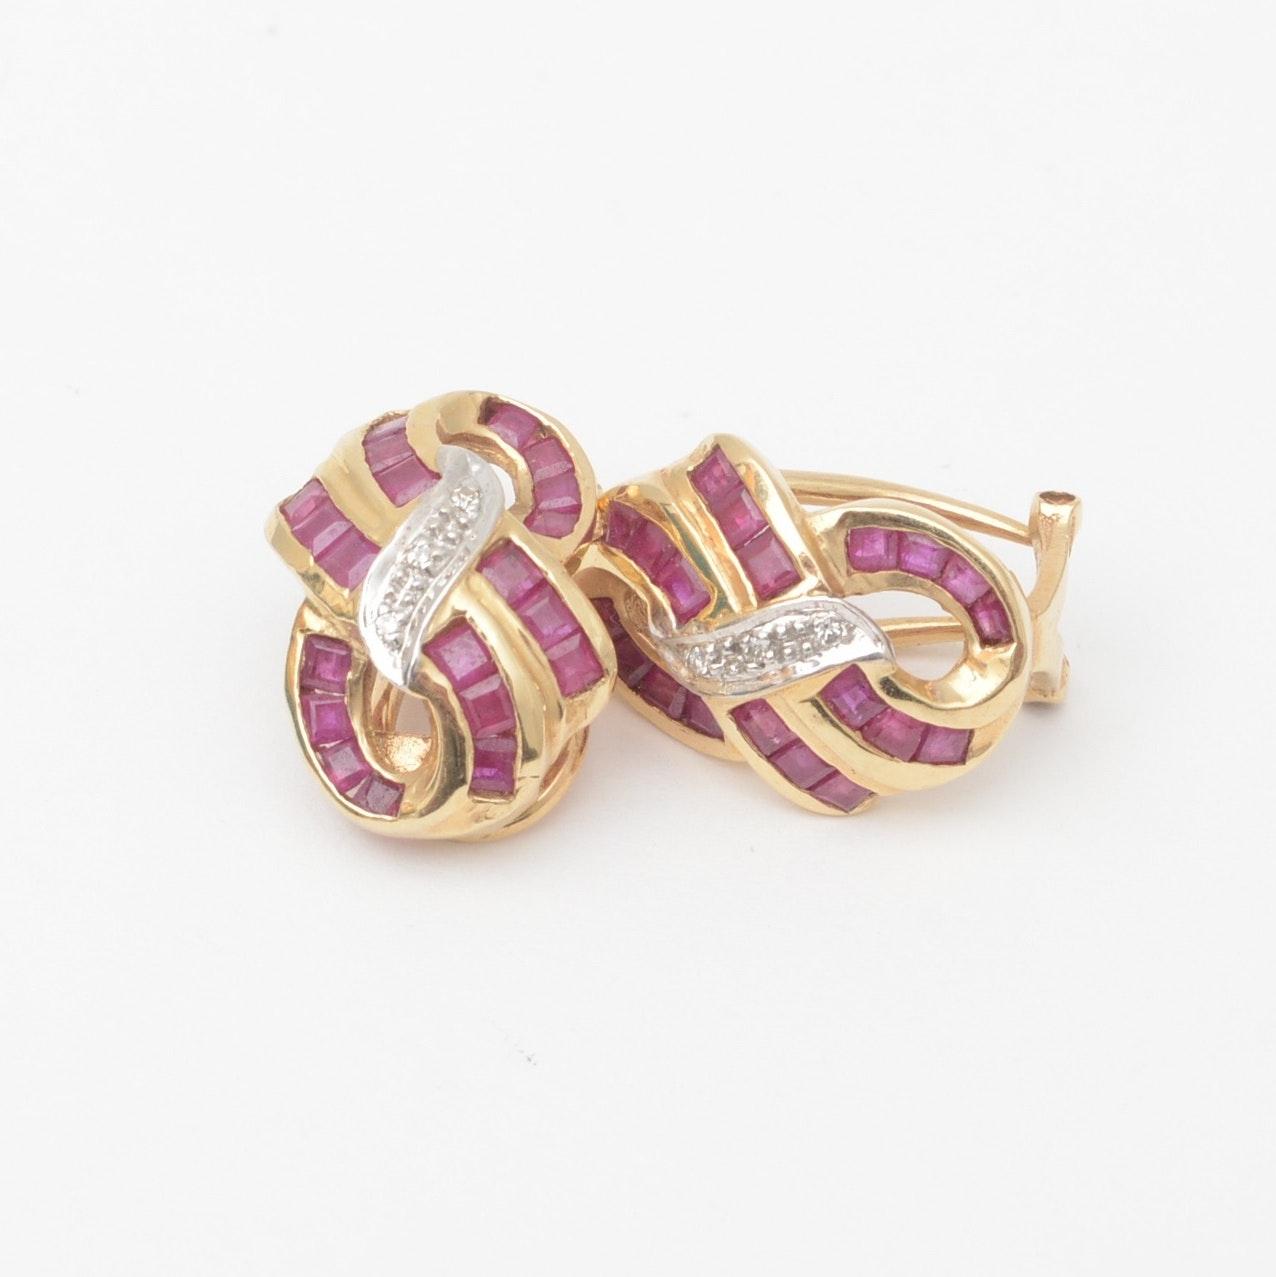 Pair of 14K Ruby and Diamond Earrings